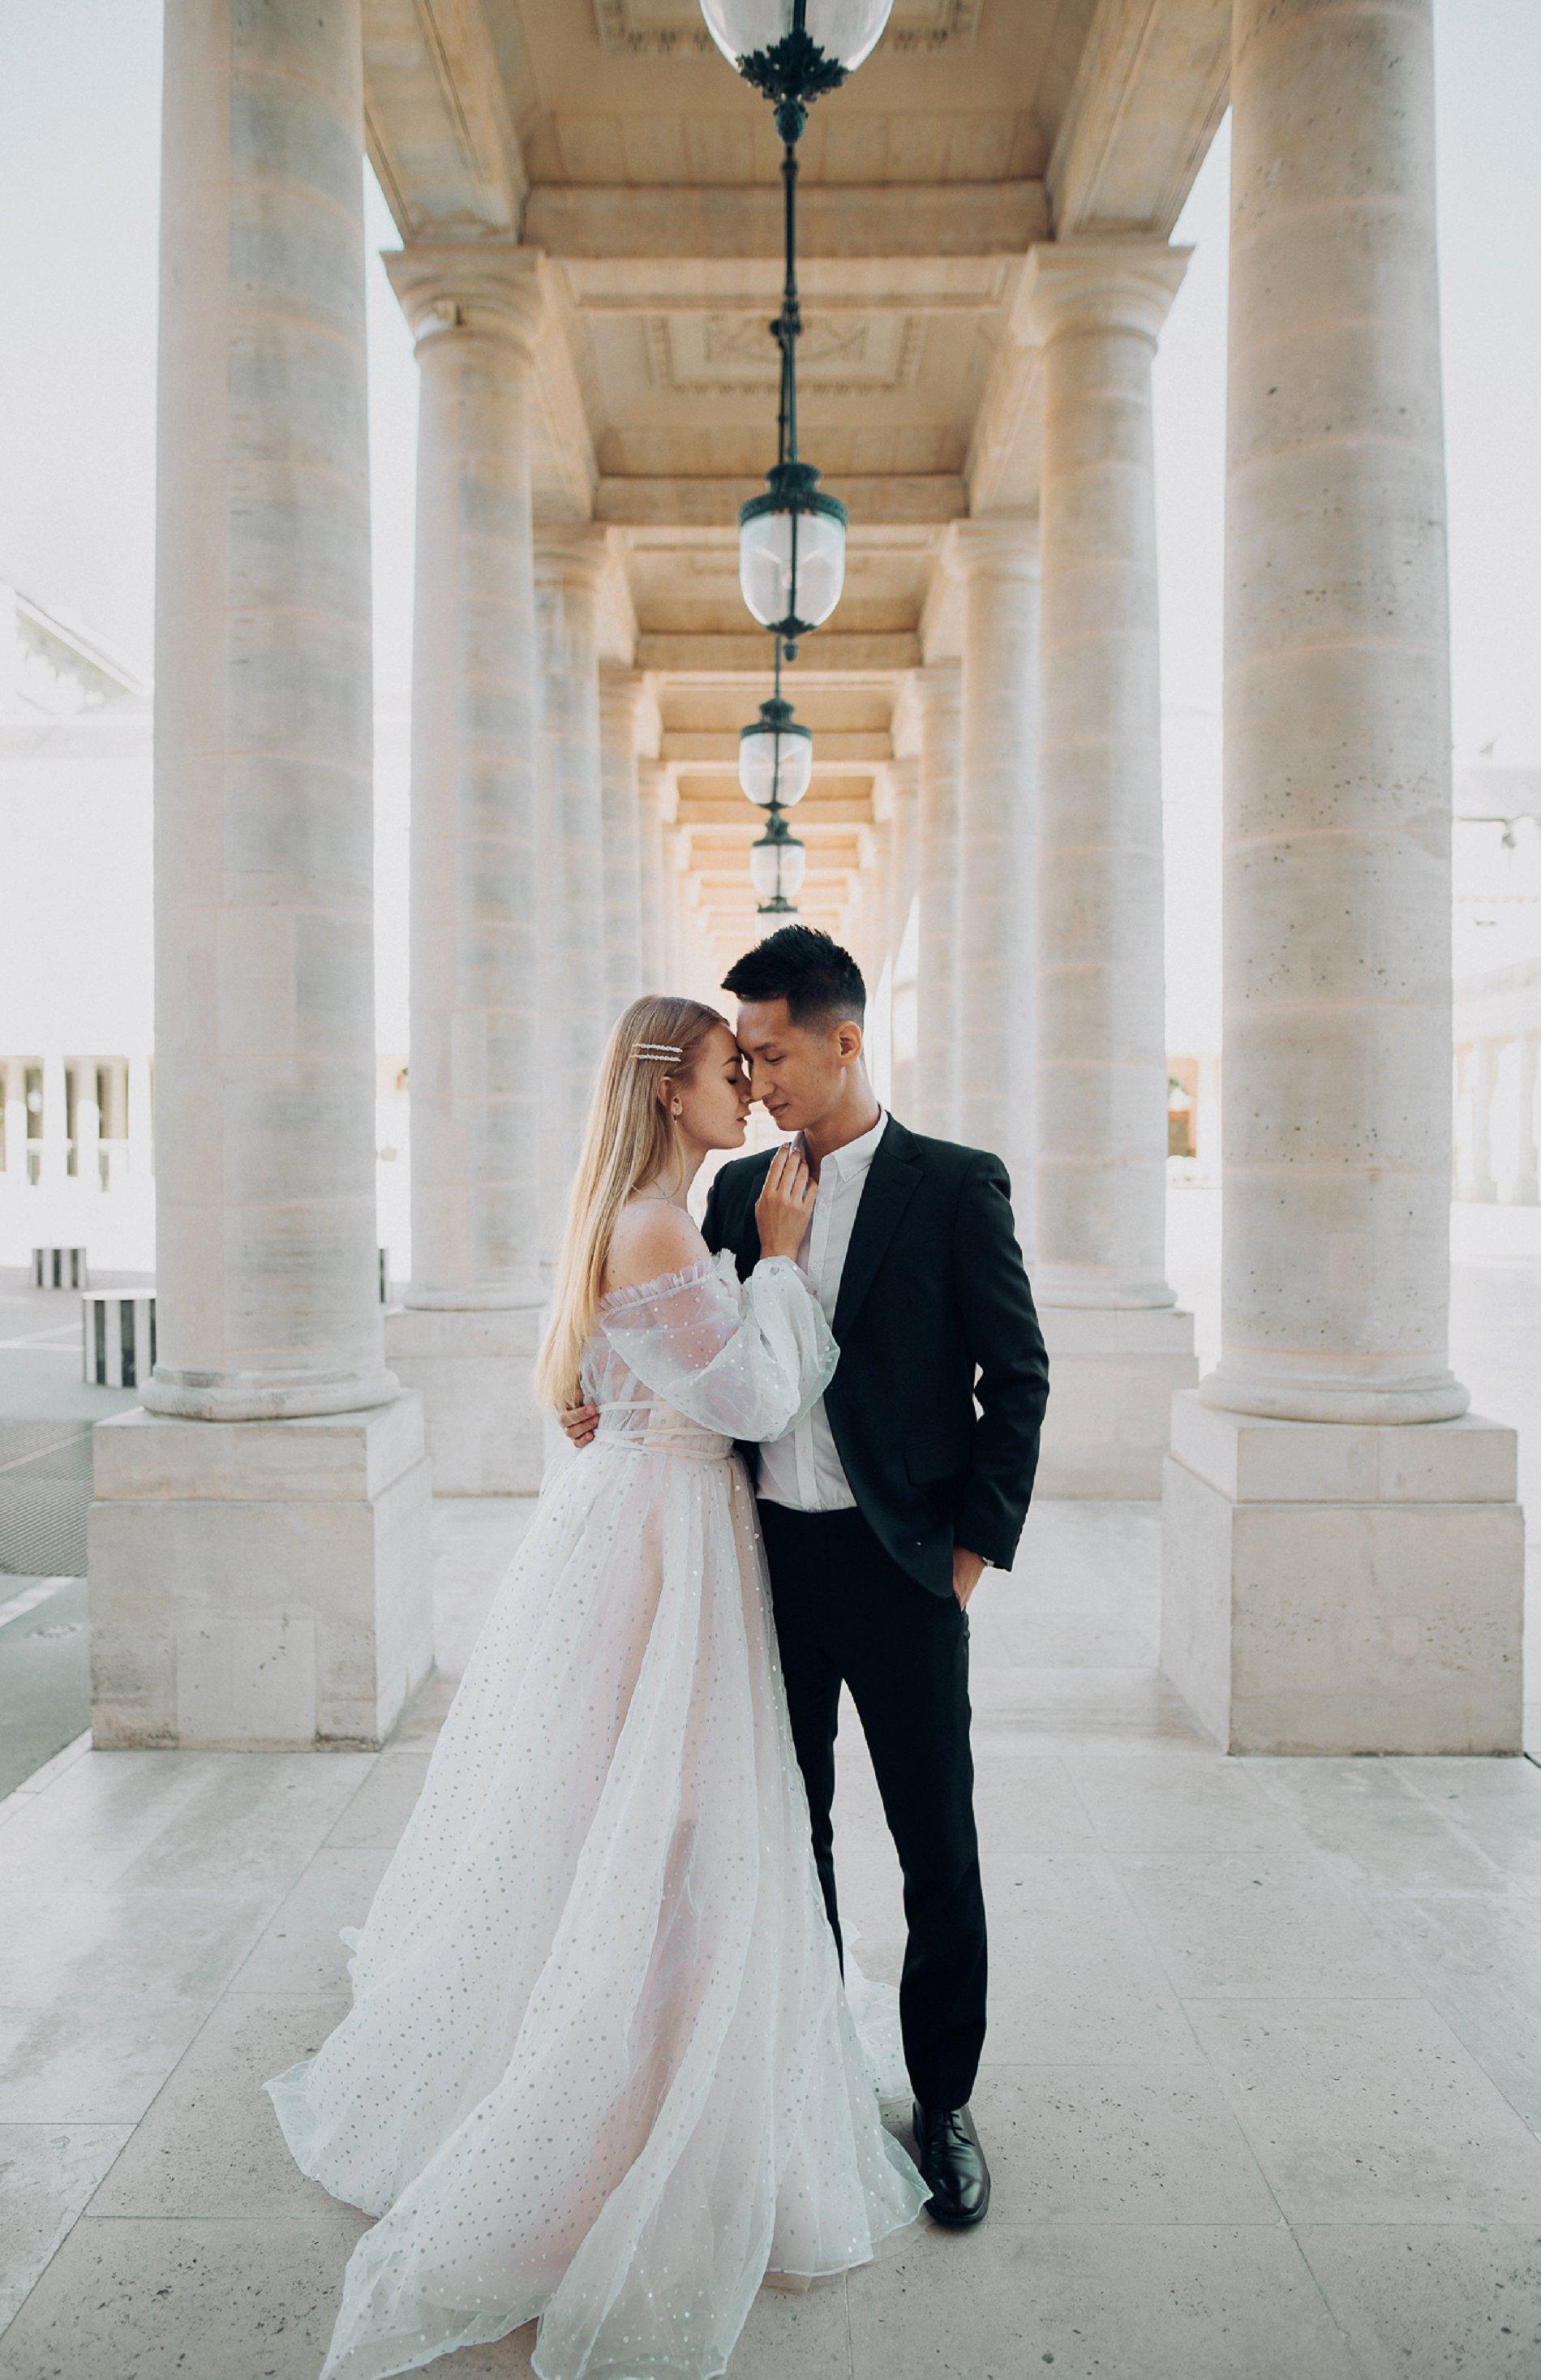 Miss He Bridal Romantic Paris Elopement (c) Xanthe Rowland Photography (19)